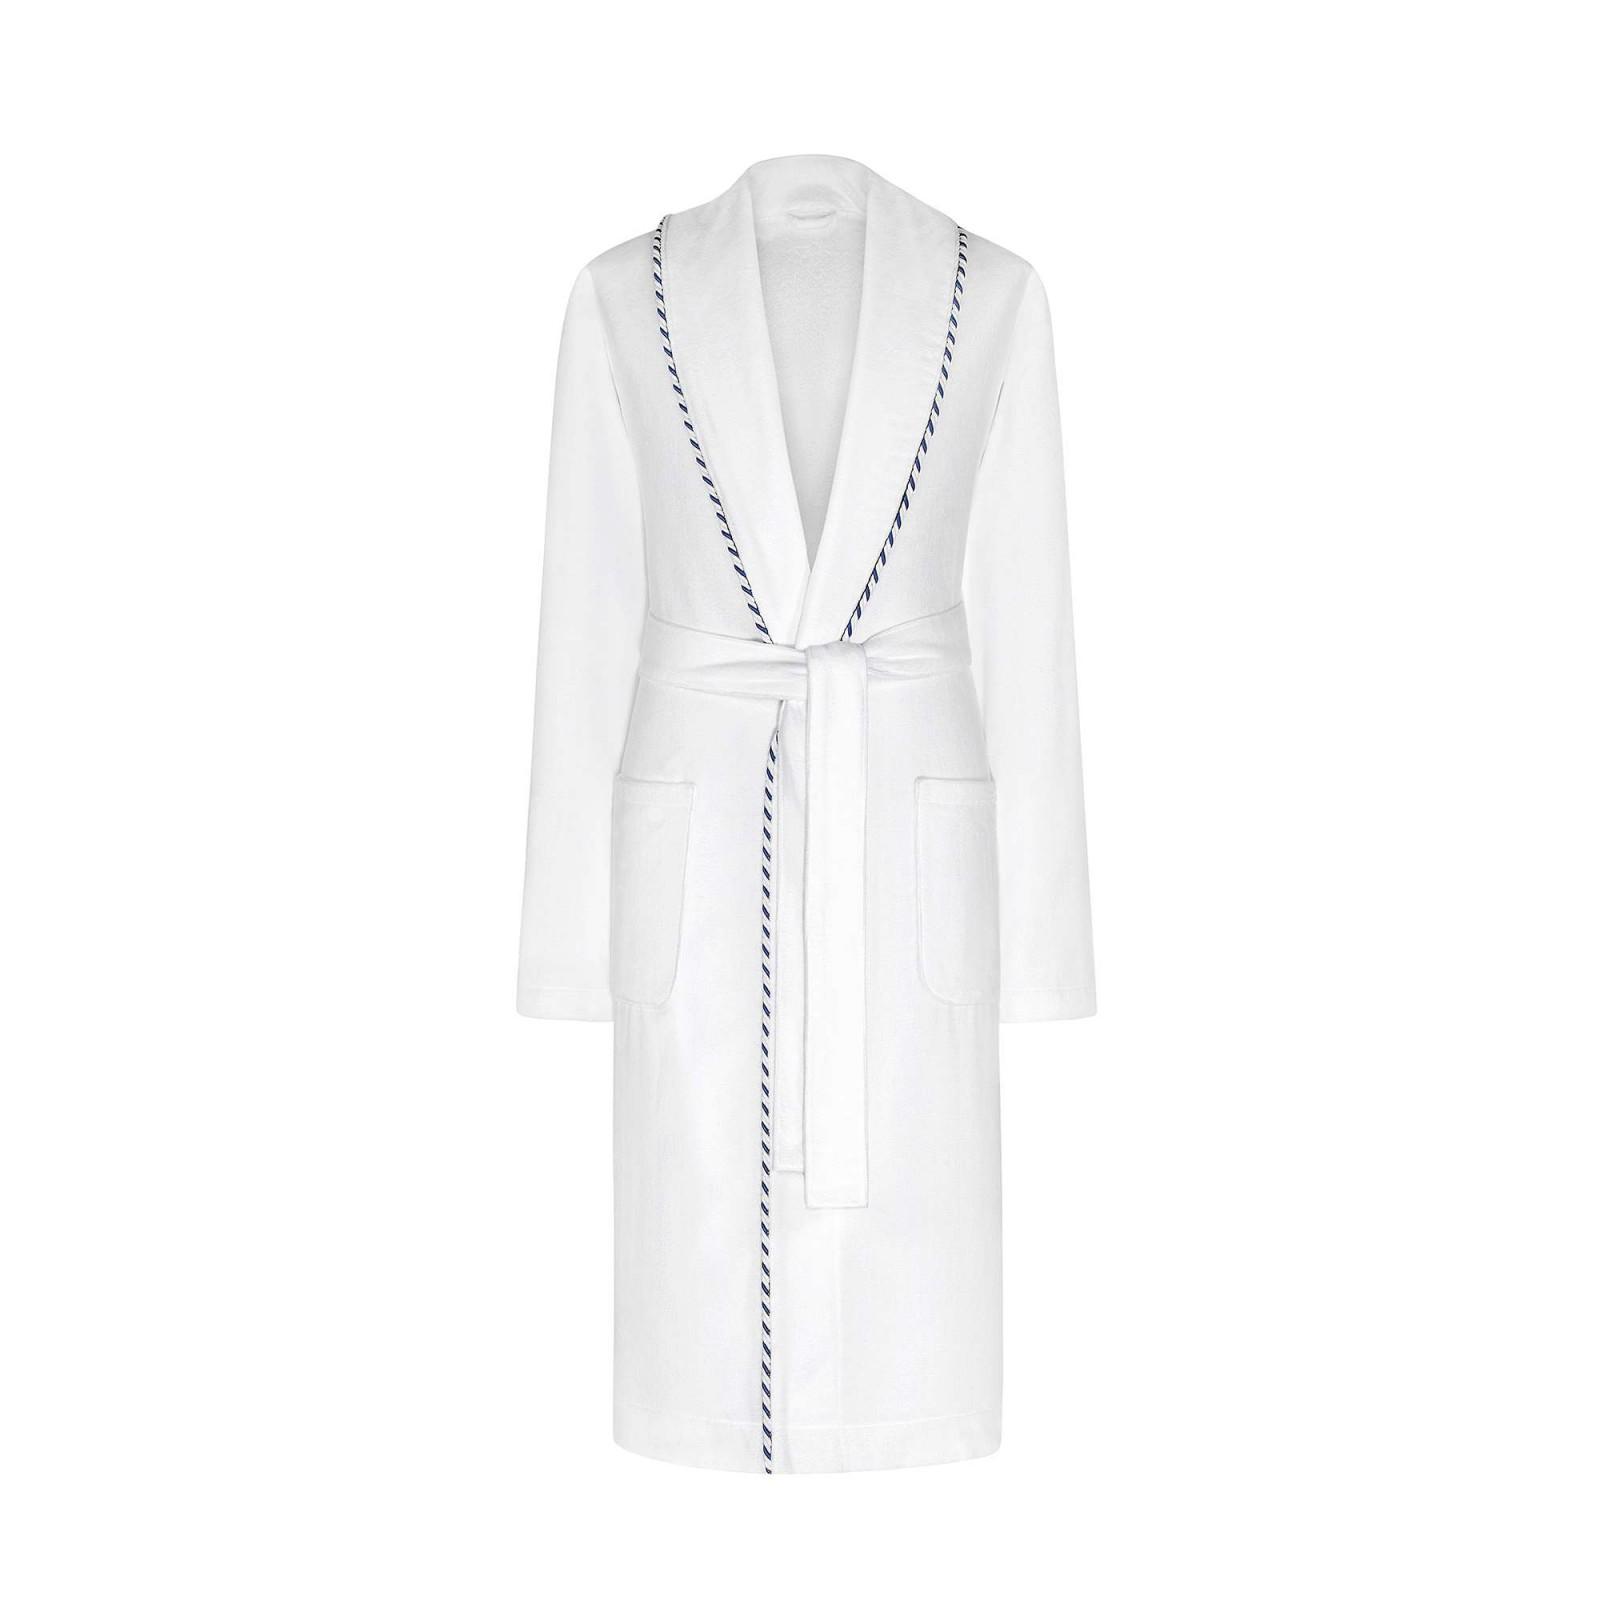 Сауны, бани и оборудование Togas Халат Роберт Цвет: Белый (xL) togas халат мужской конолли